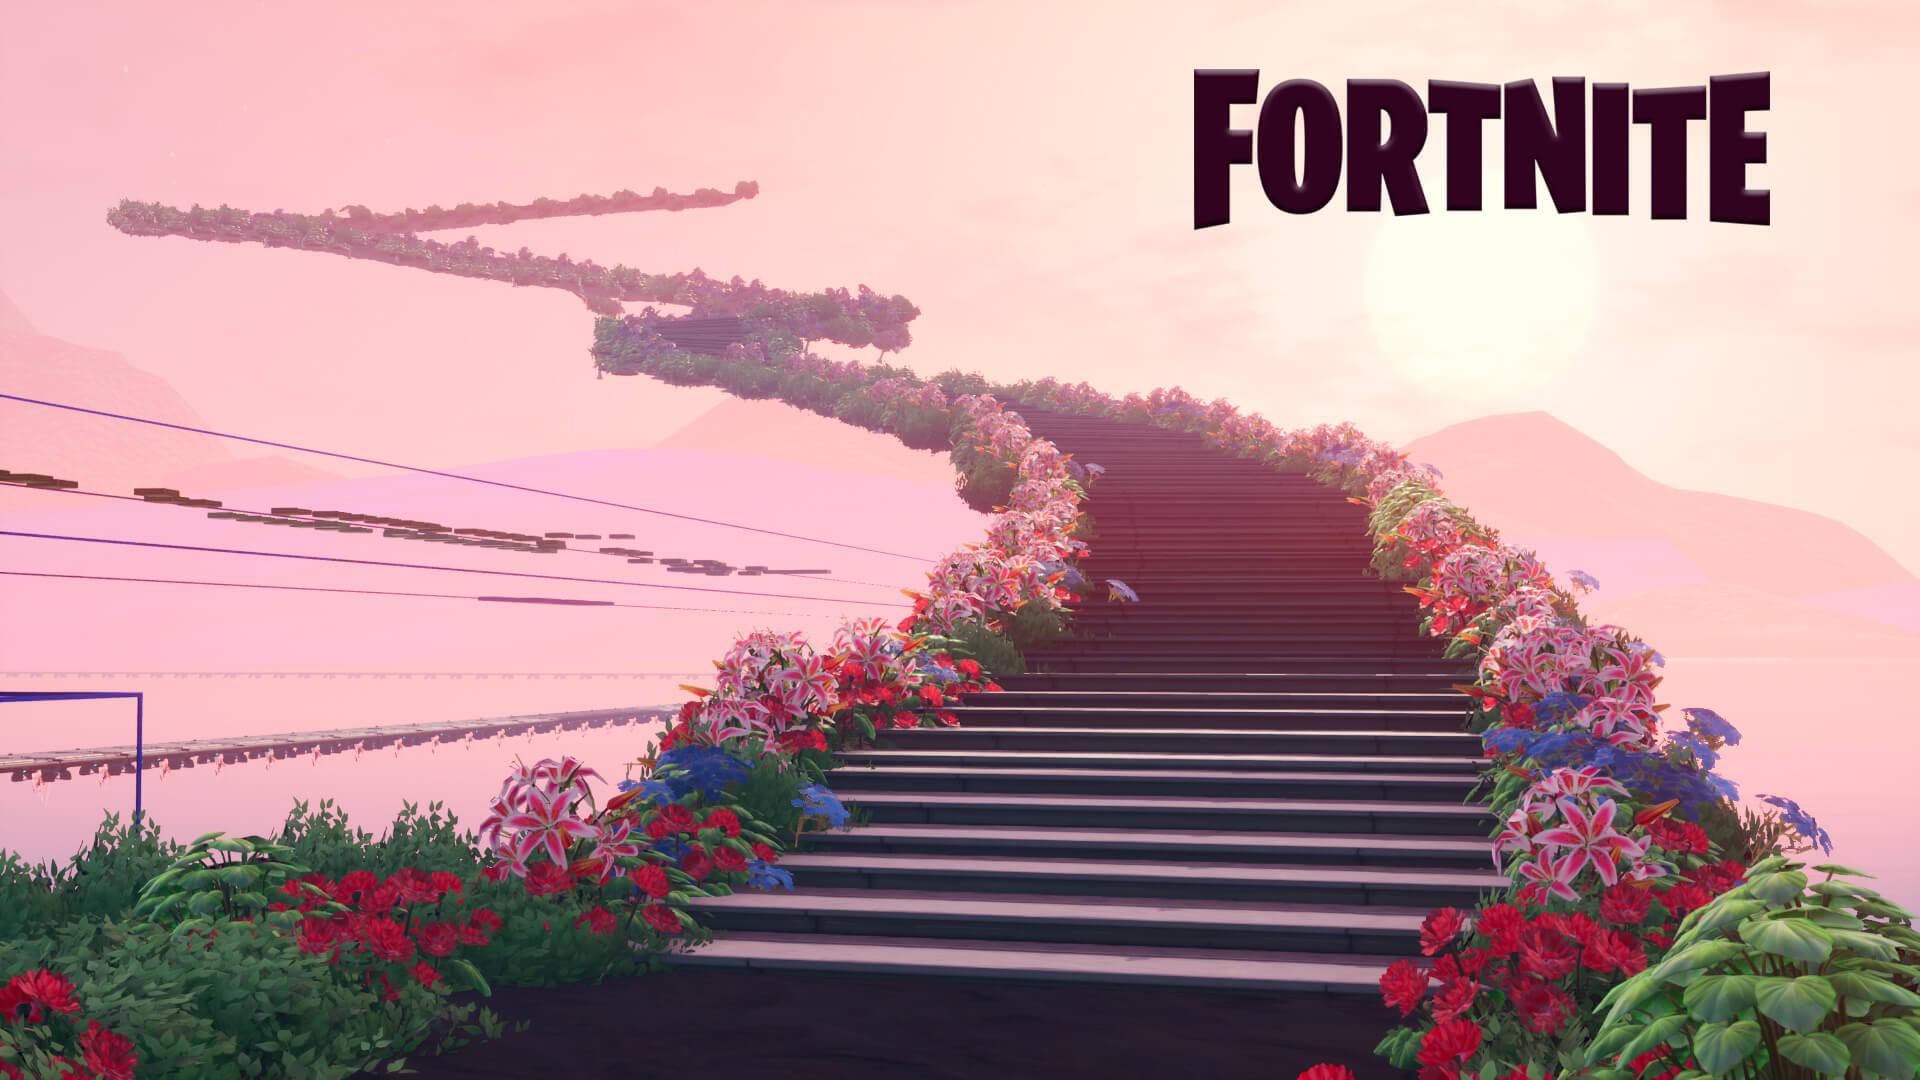 All Fortnite Creative Map Codes - Fortnite Creative Codes